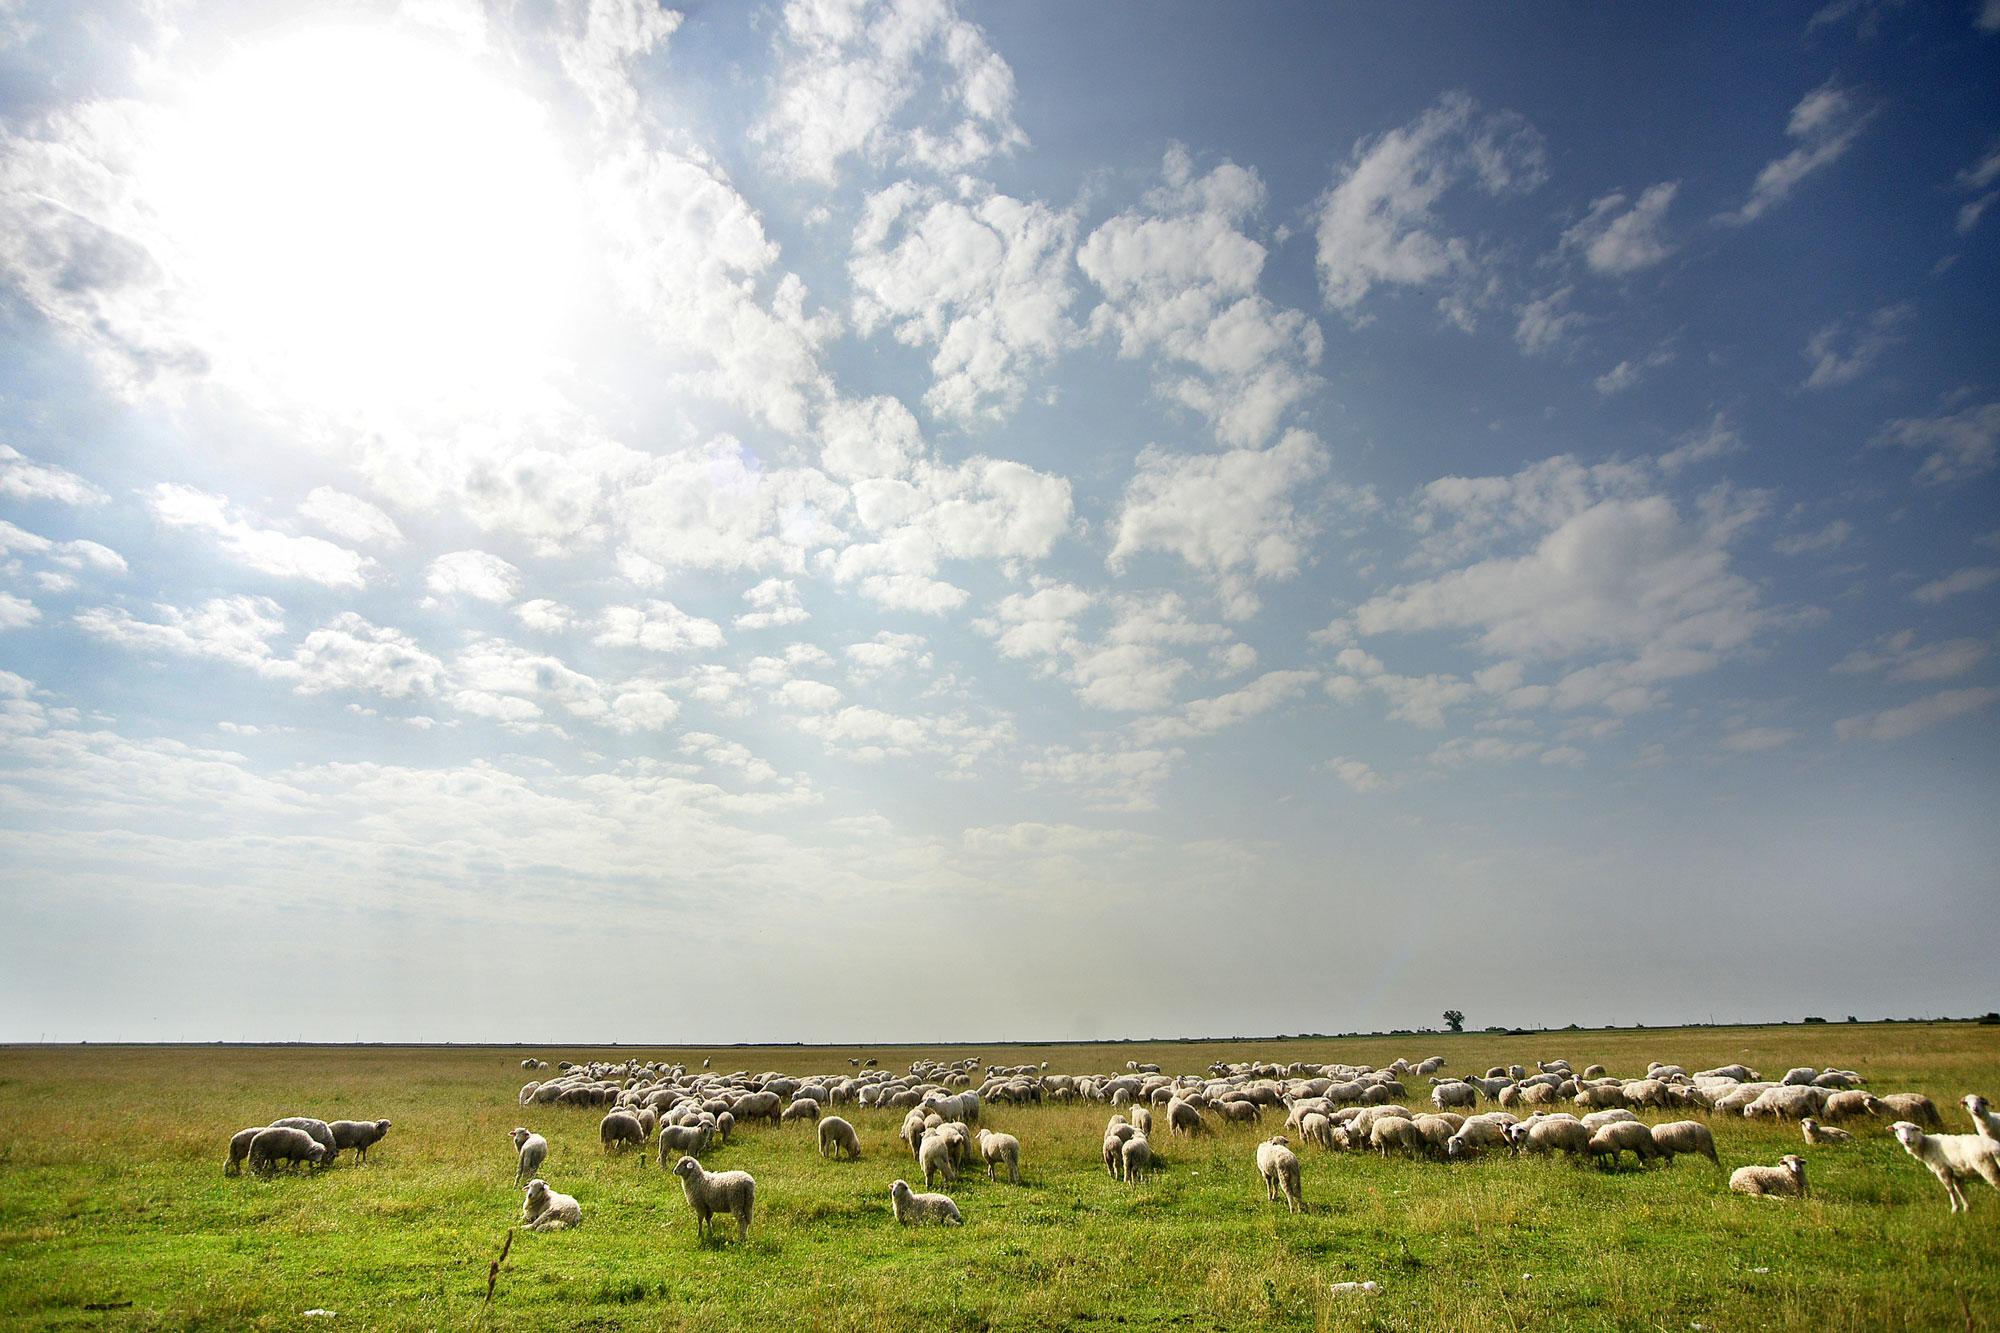 Pengegalopp på den rumenske landsbygda